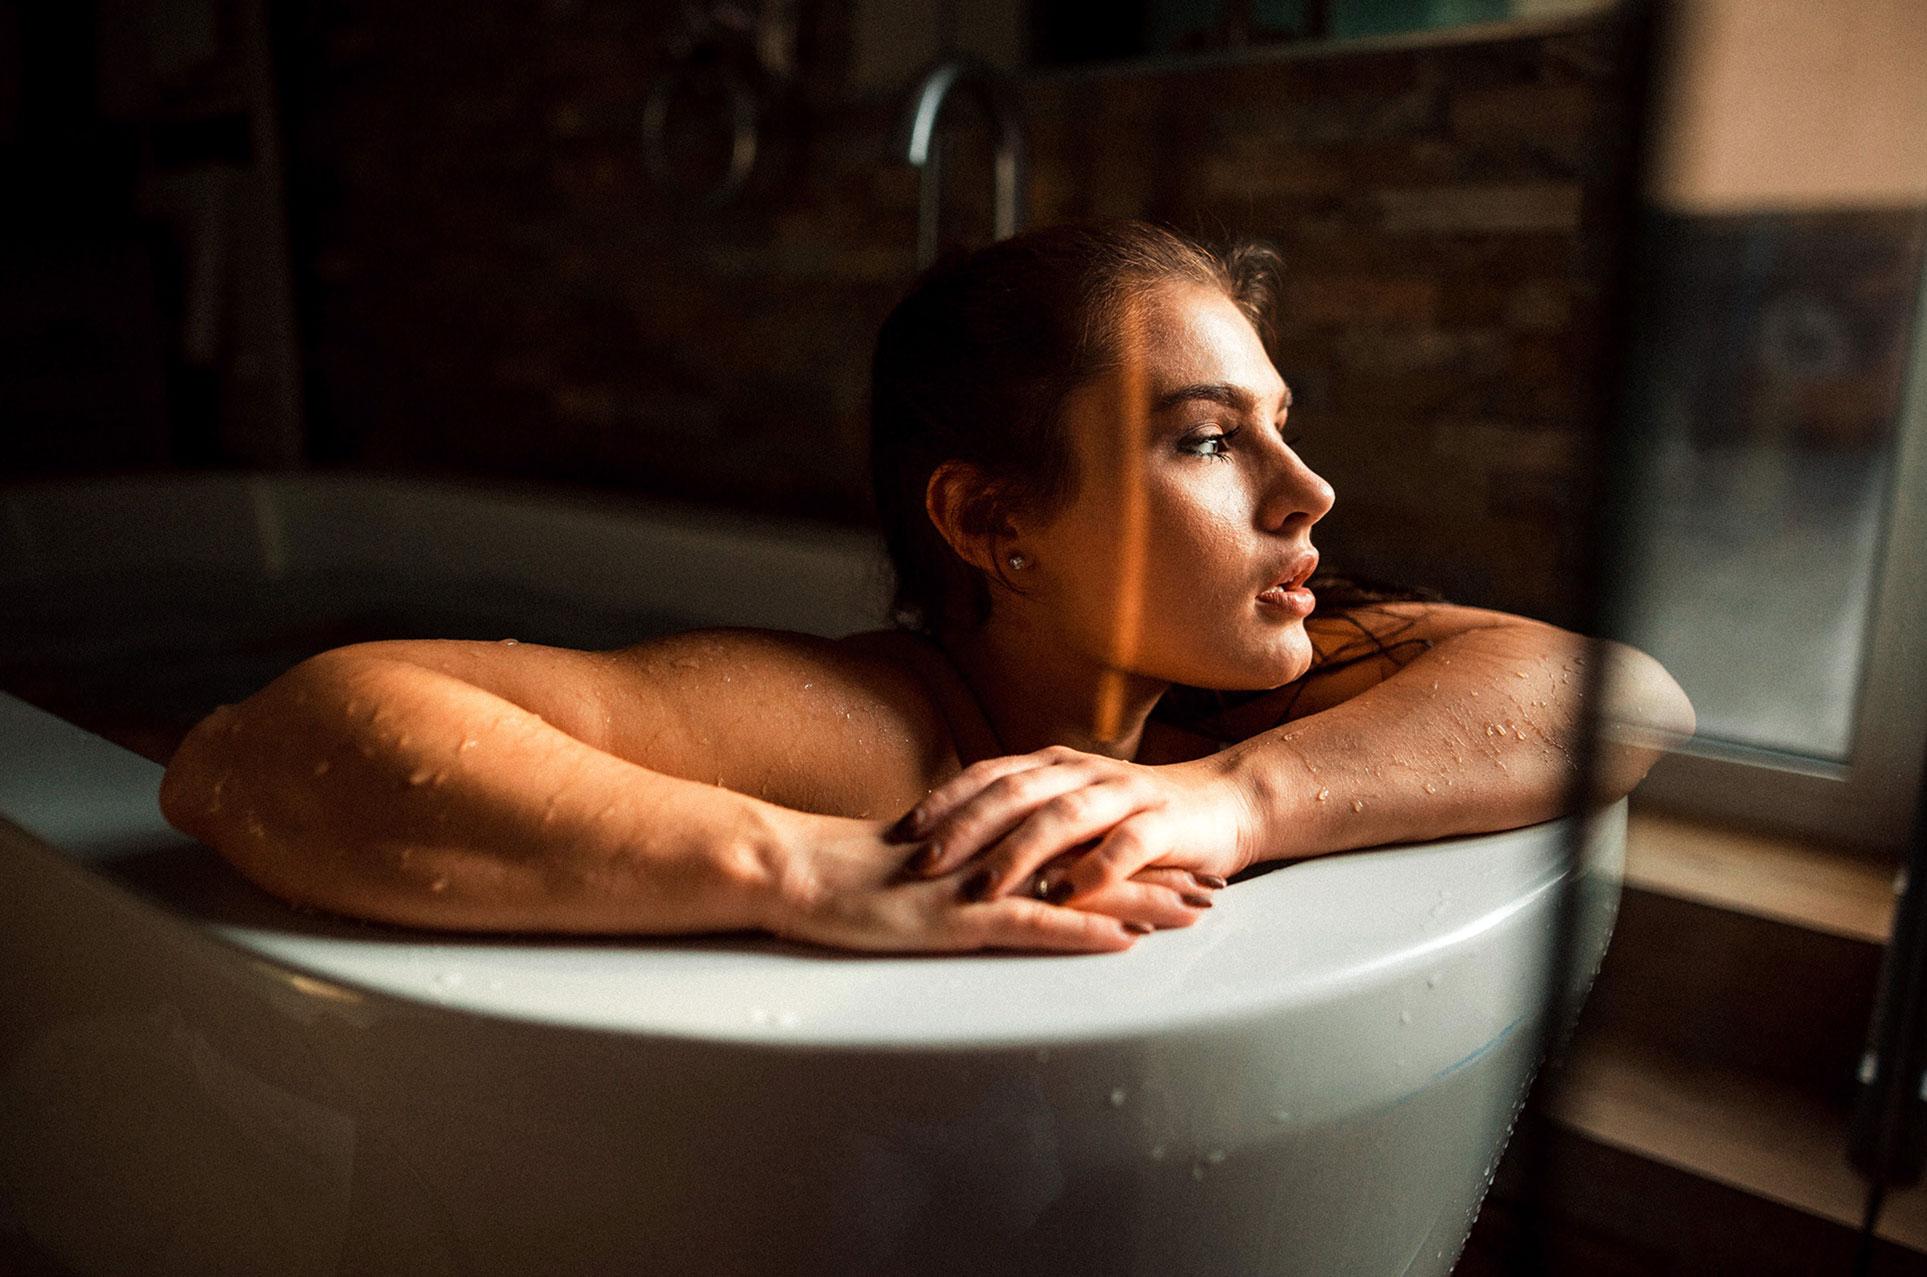 Stephanie Schleich by SebazPictures